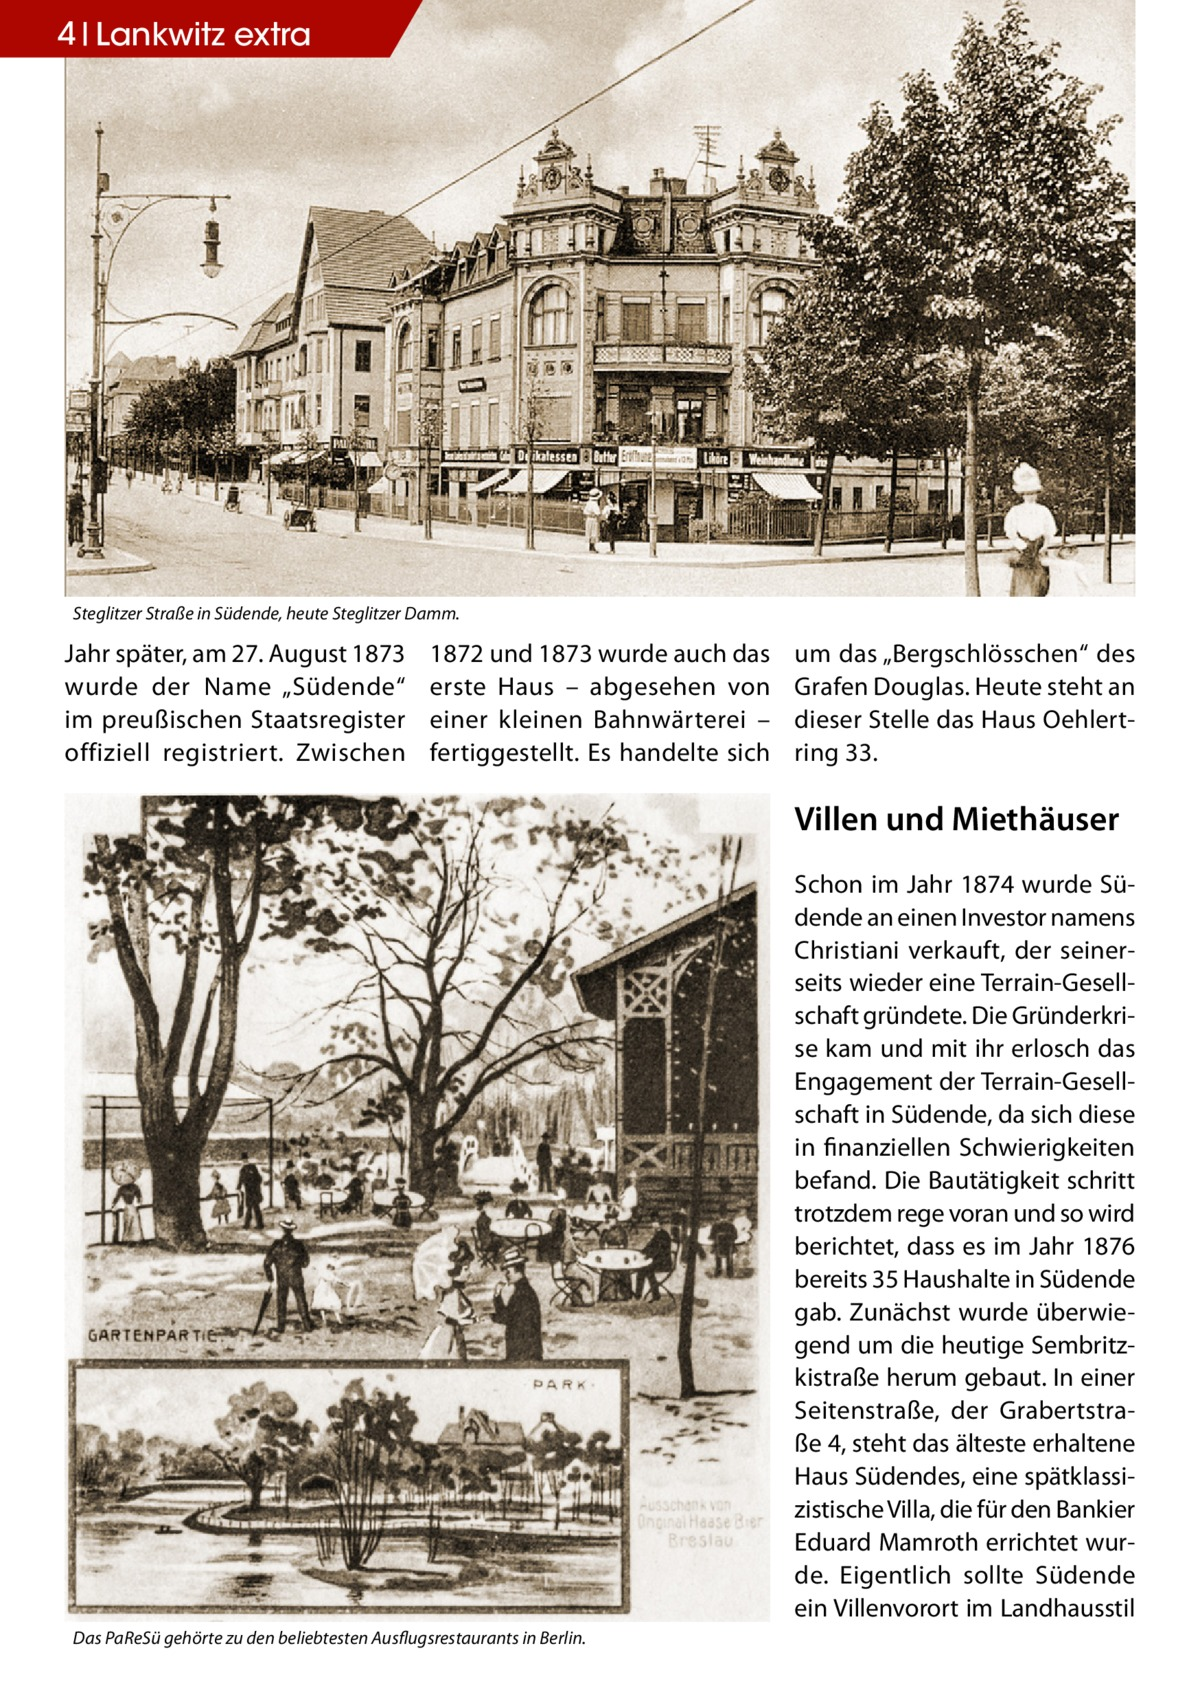 """4 Lankwitz extra  Steglitzer Straße in Südende, heute Steglitzer Damm.  Jahr später, am 27.August 1873 wurde der Name """"Südende"""" im preußischen Staatsregister offiziell registriert. Zwischen  1872 und 1873 wurde auch das erste Haus – abgesehen von einer kleinen Bahnwärterei – fertiggestellt. Es handelte sich  um das """"Bergschlösschen"""" des Grafen Douglas. Heute steht an dieser Stelle das Haus Oehlert ring 33.  Villen und Miethäuser Schon im Jahr 1874 wurde Südende an einen Investor namens Christiani verkauft, der seinerseits wieder eine Terrain-Gesellschaft gründete. Die Gründerkrise kam und mit ihr erlosch das Engagement der Terrain-Gesellschaft in Südende, da sich diese in finanziellen Schwierigkeiten befand. Die Bautätigkeit schritt trotzdem rege voran und so wird berichtet, dass es im Jahr 1876 bereits 35 Haushalte in Südende gab. Zunächst wurde überwiegend um die heutige Sembritzkistraße herum gebaut. In einer Seitenstraße, der Grabertstraße4, steht das älteste erhaltene Haus Südendes, eine spätklassizistische Villa, die für den Bankier Eduard Mamroth errichtet wurde. Eigentlich sollte Südende ein Villenvorort im Landhausstil Das PaReSü gehörte zu den beliebtesten Ausflugsrestaurants in Berlin."""